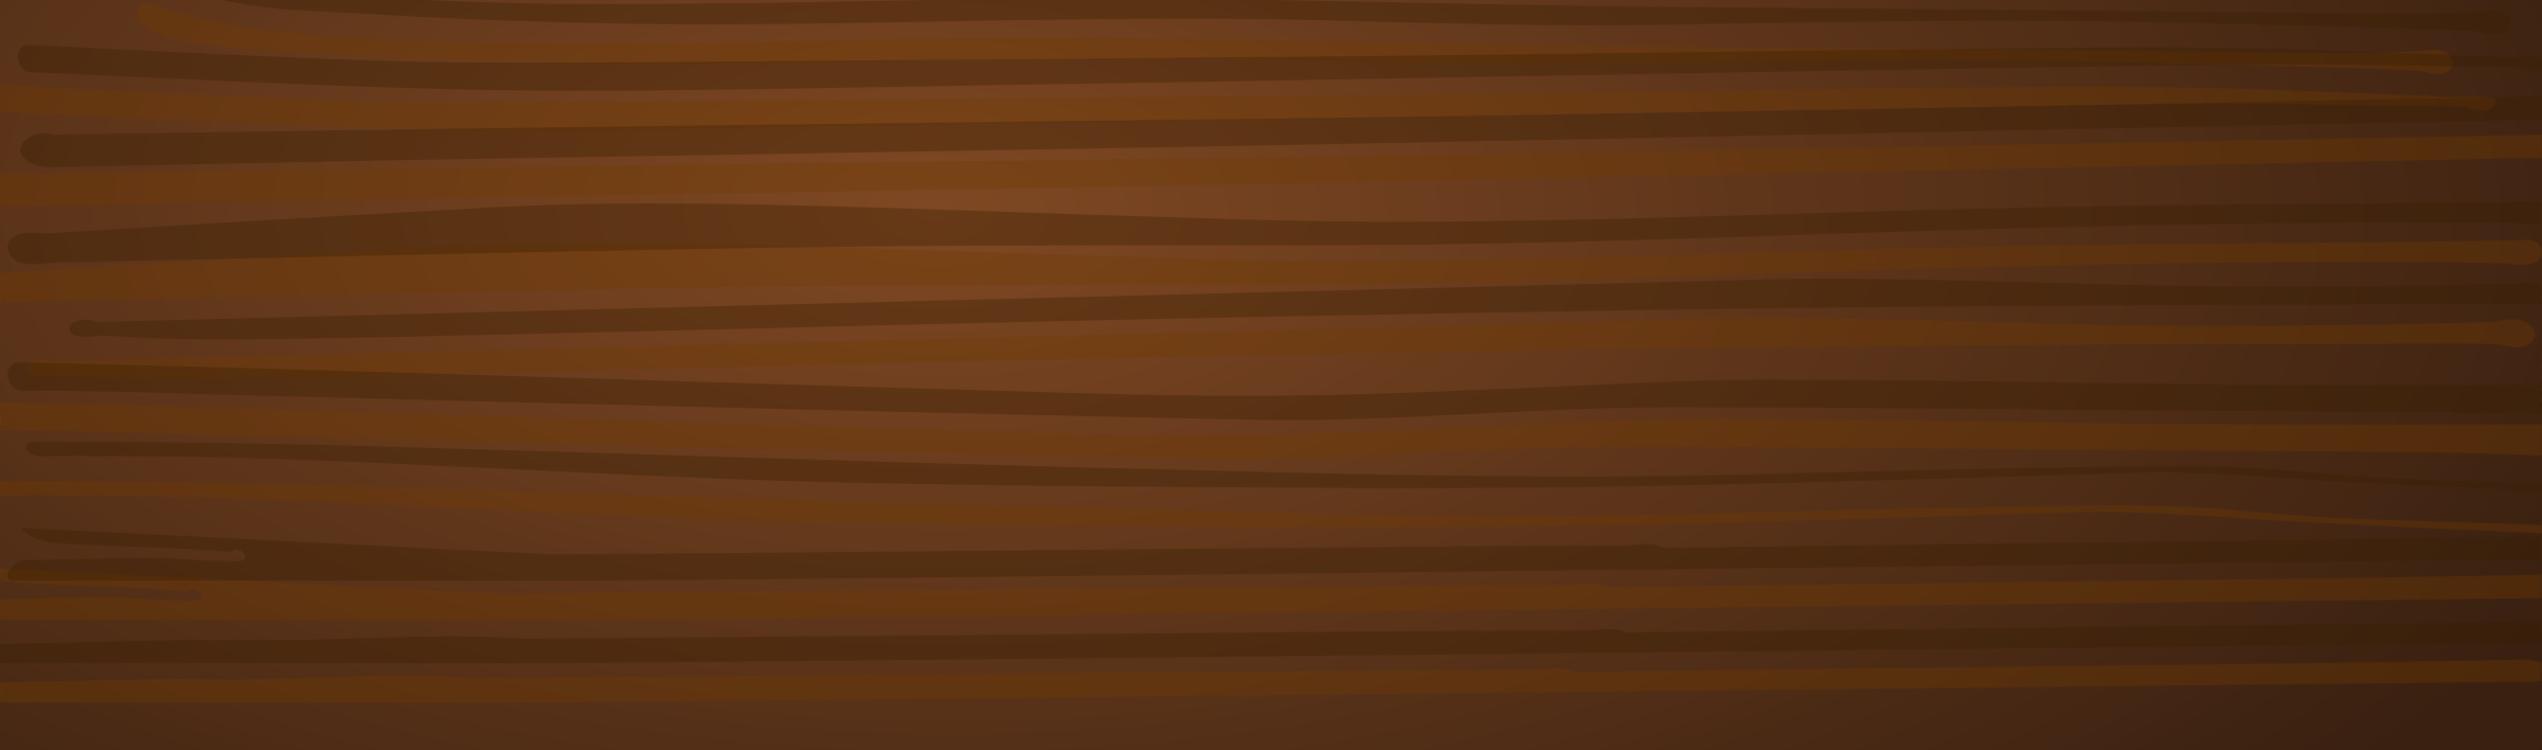 Computer Wallpaper,Brown,Light